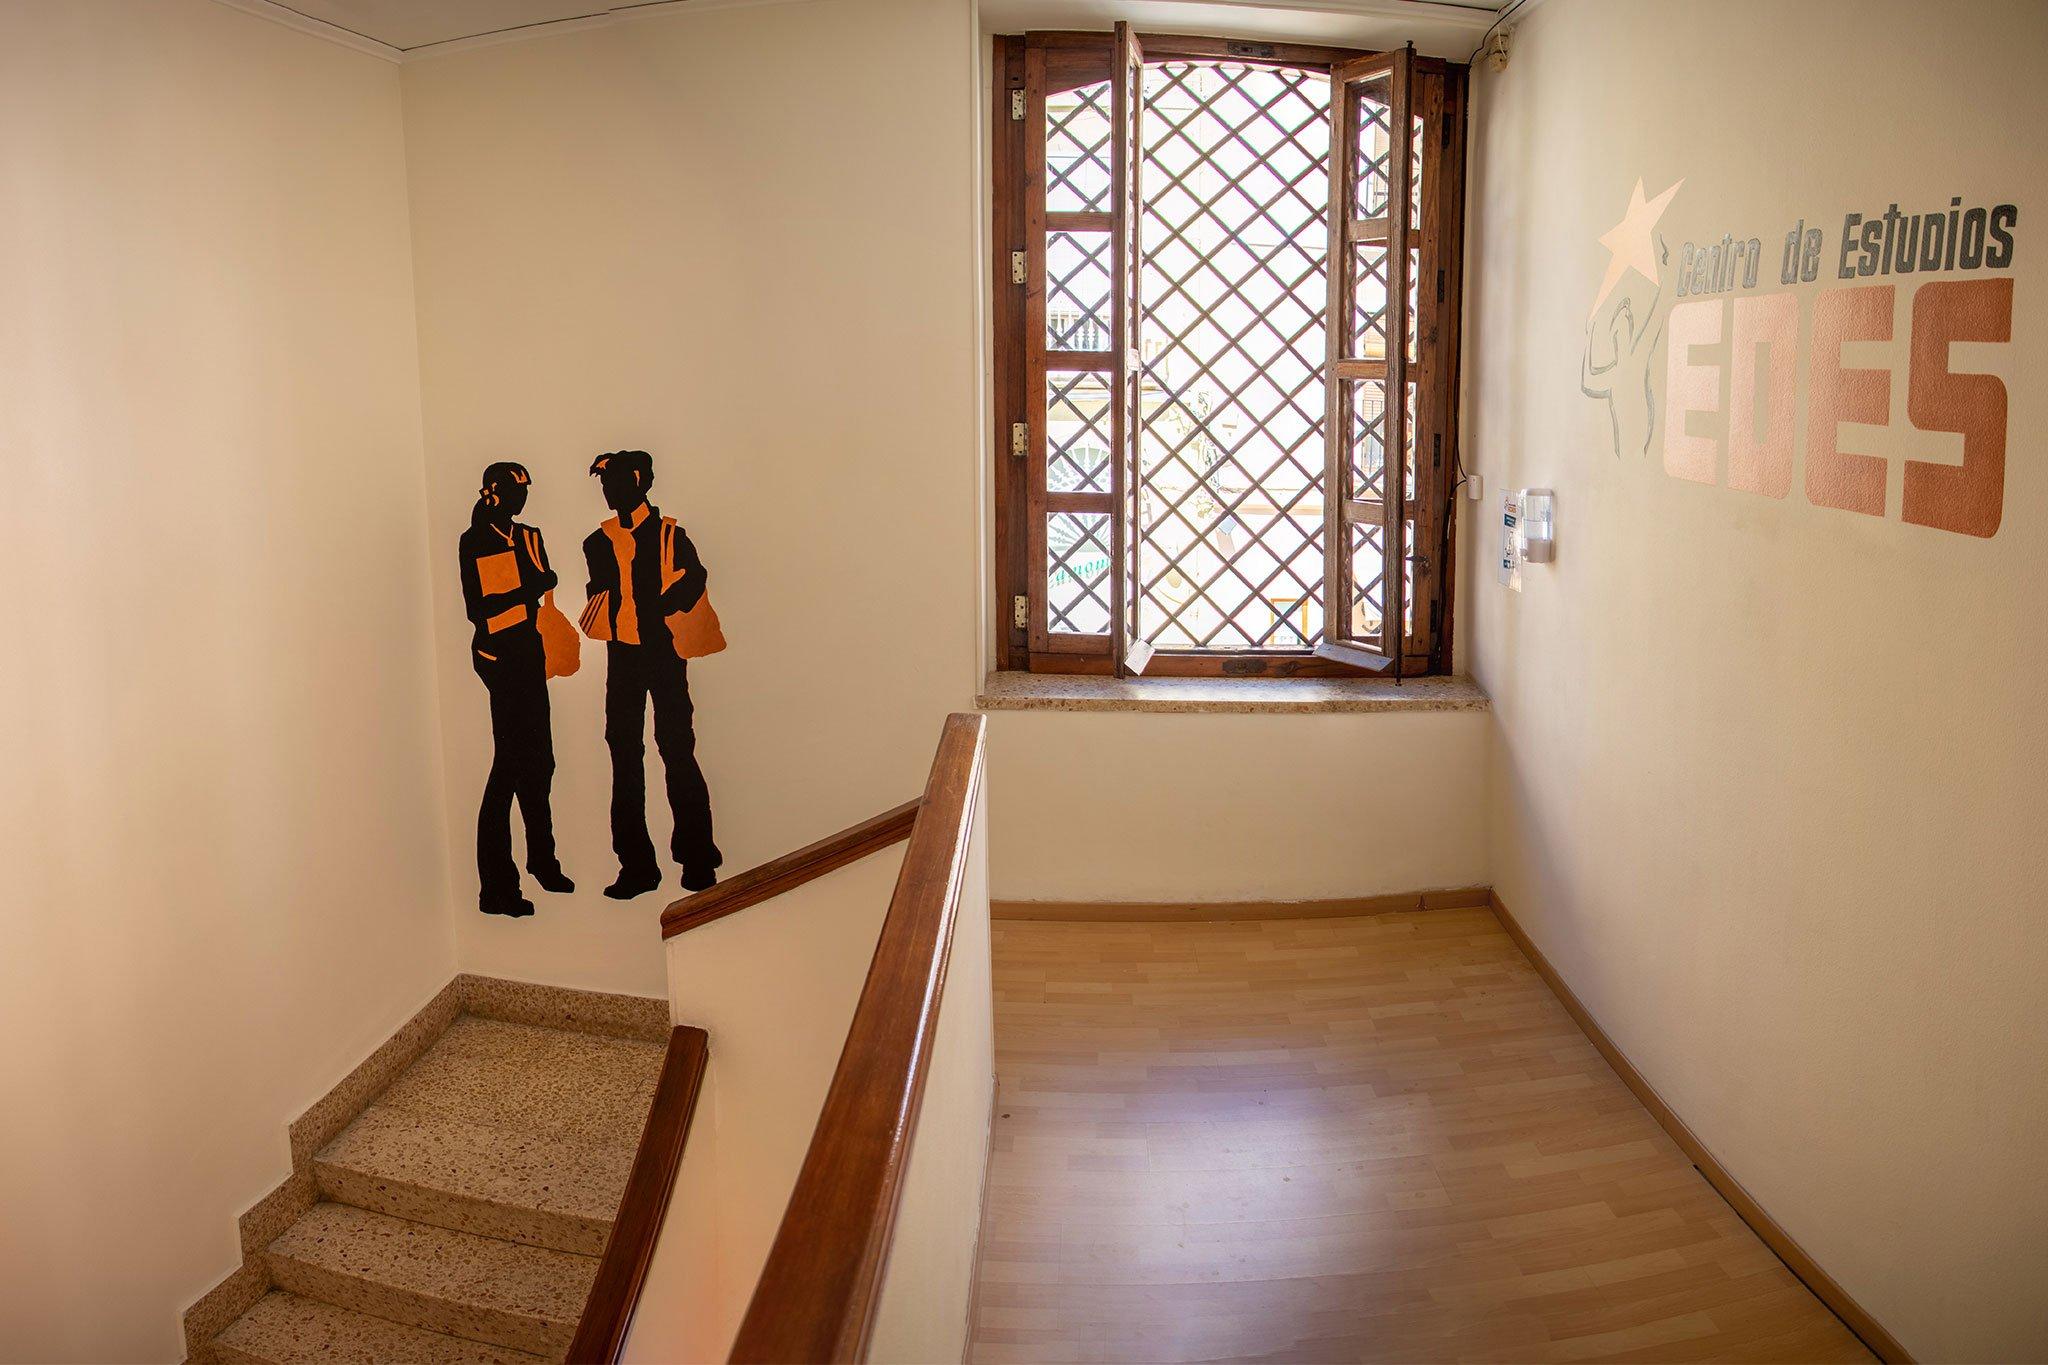 Escaleras – Centro de Estudios EDES